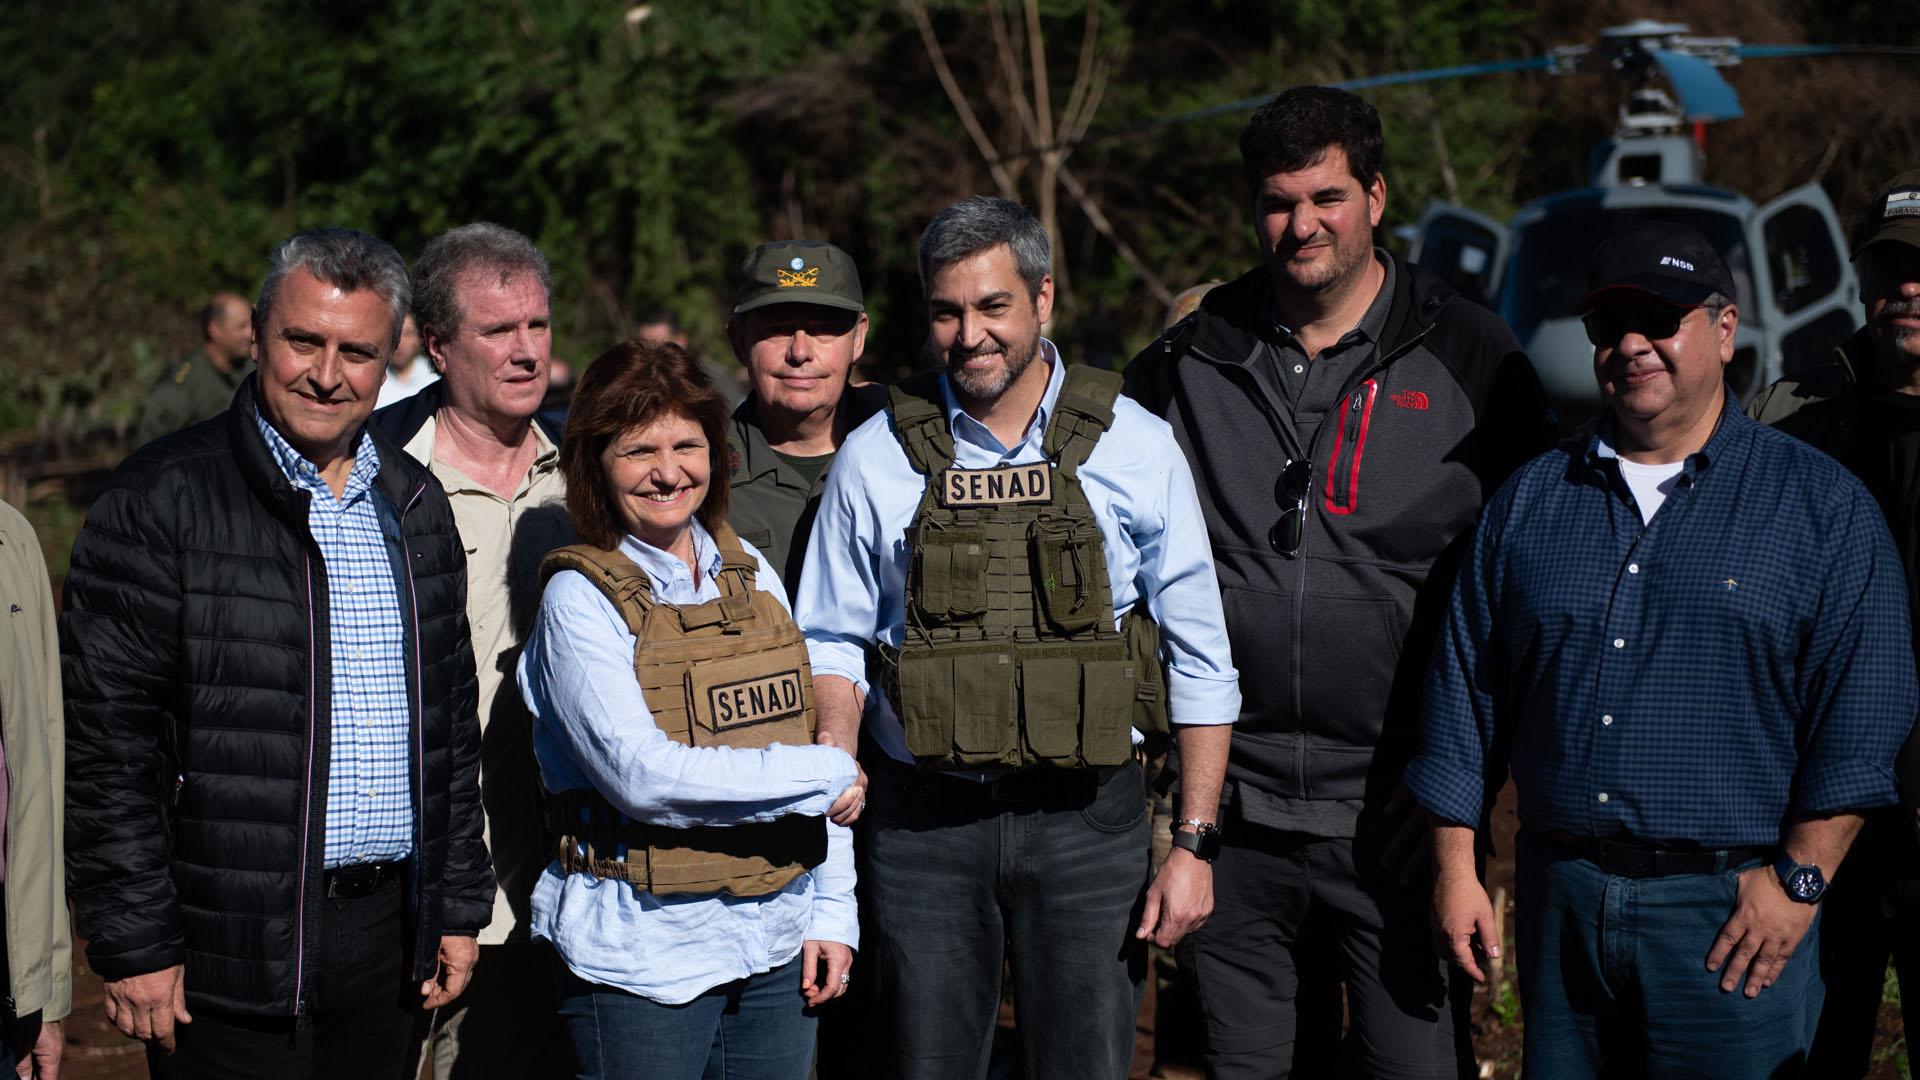 El presidente paraguayo Mario Abdo Benitez junto a Bullrich y Burzaco el martes 4 en la plantación a diez kilómetros del aeropuerto de Pedro Juan Caballero.